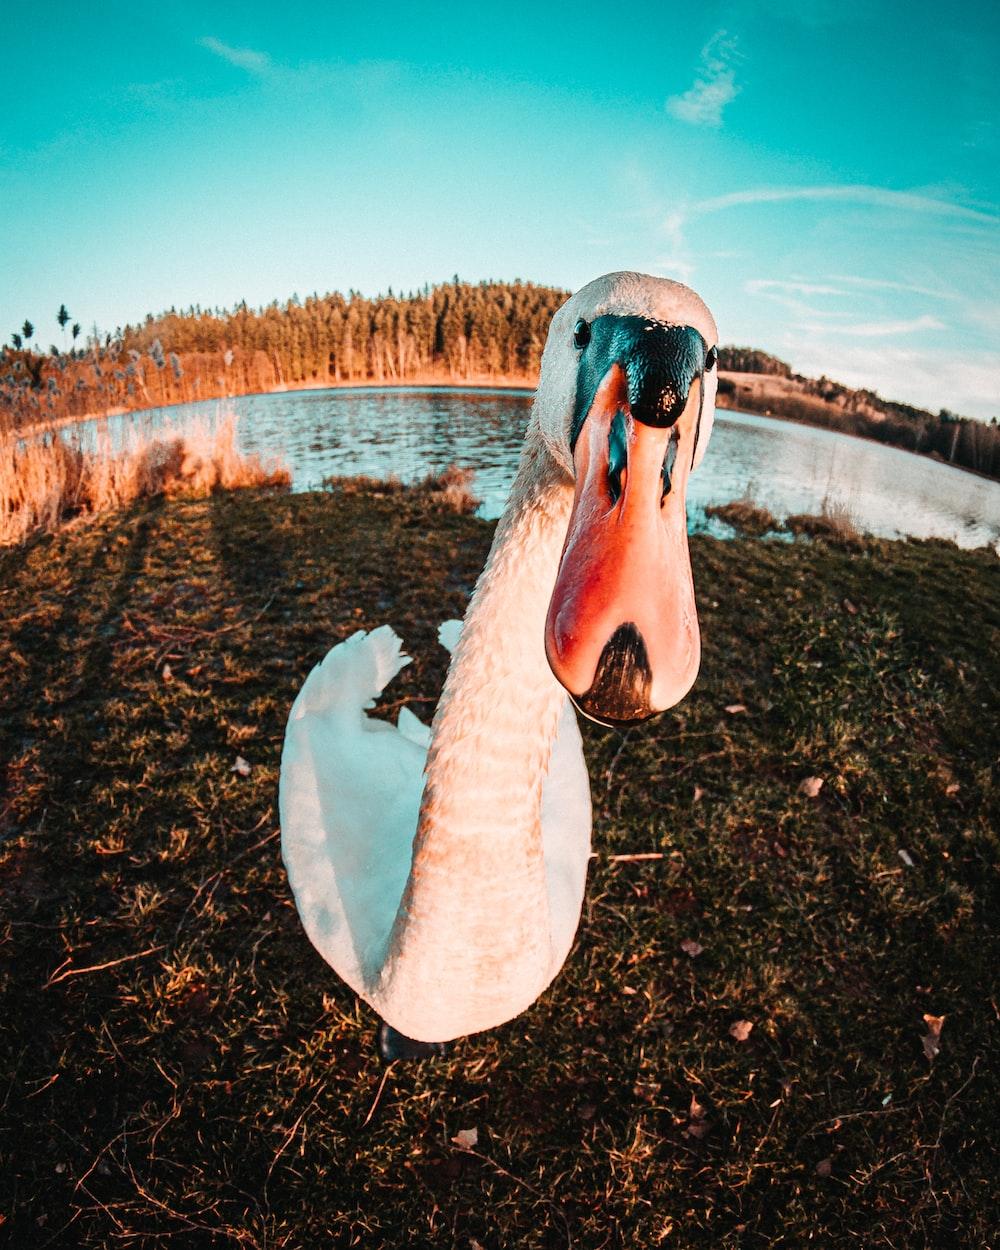 white and pink swan on lake during daytime